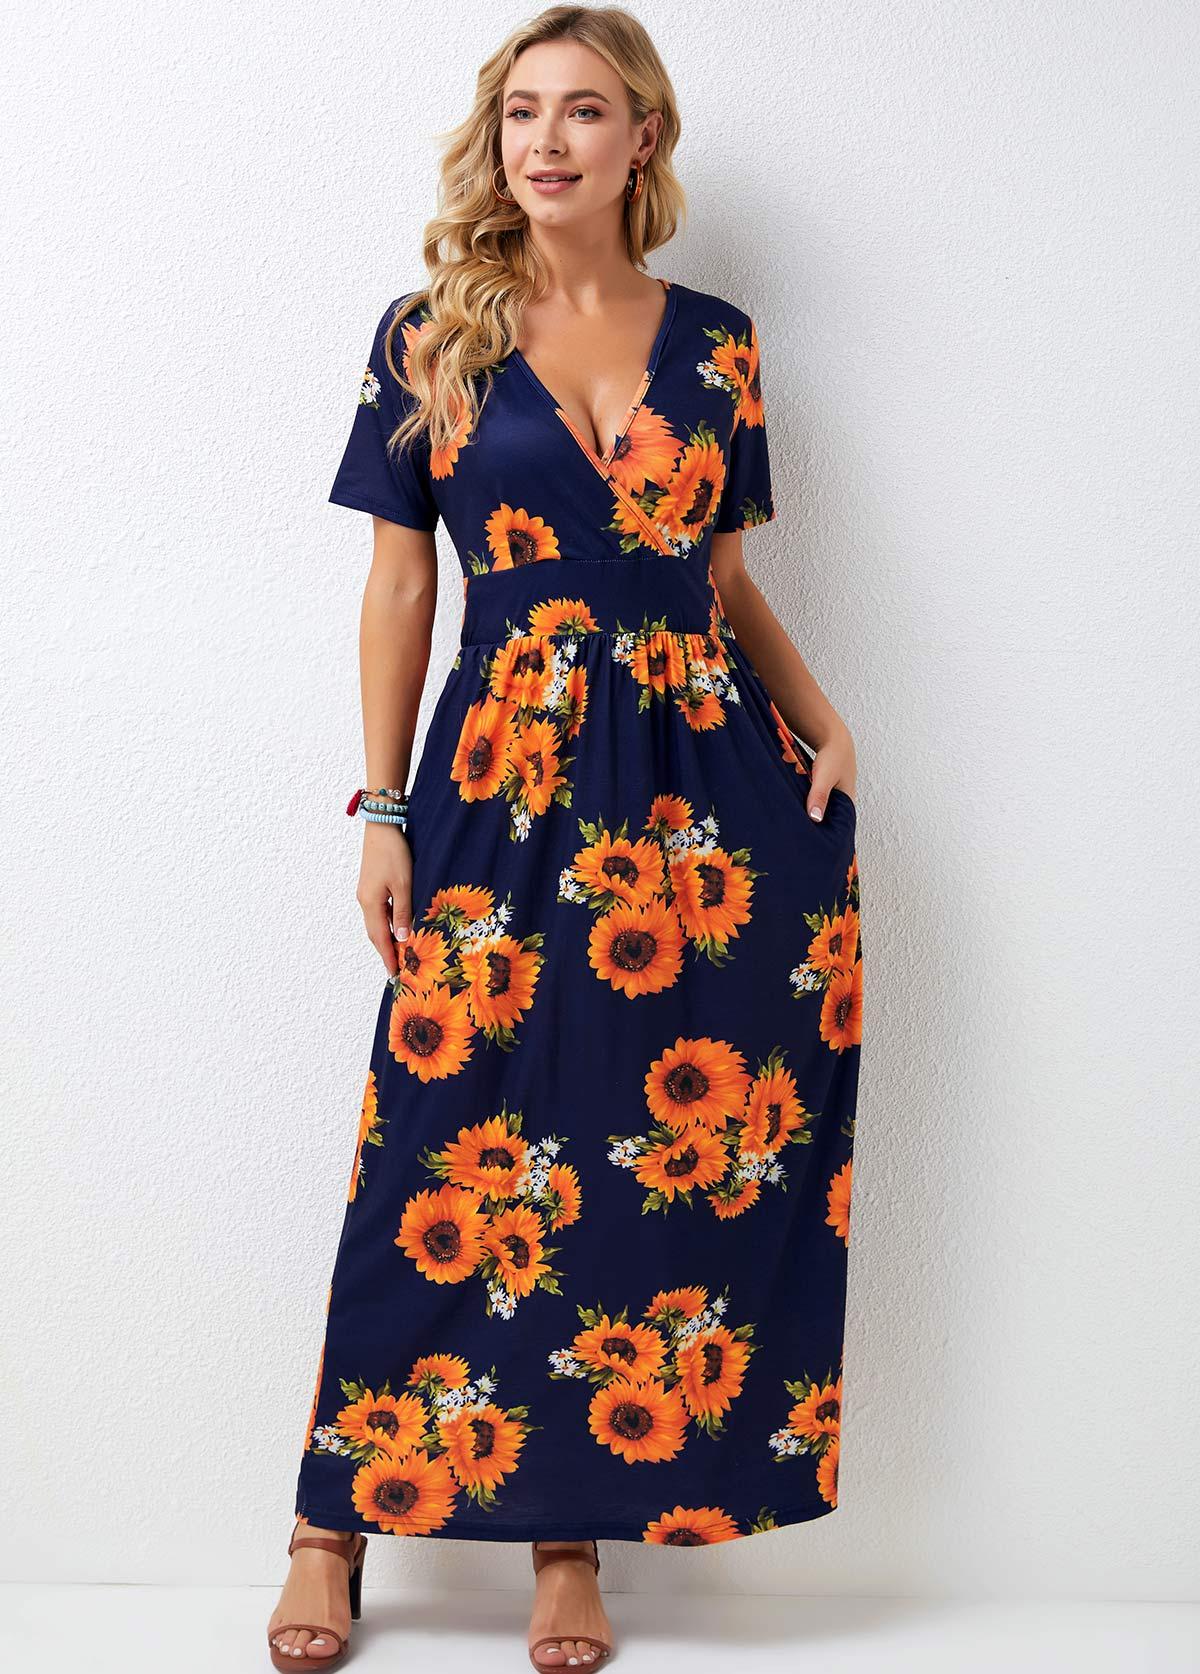 Sunflower Print Short Sleeve V Neck Maxi Dress